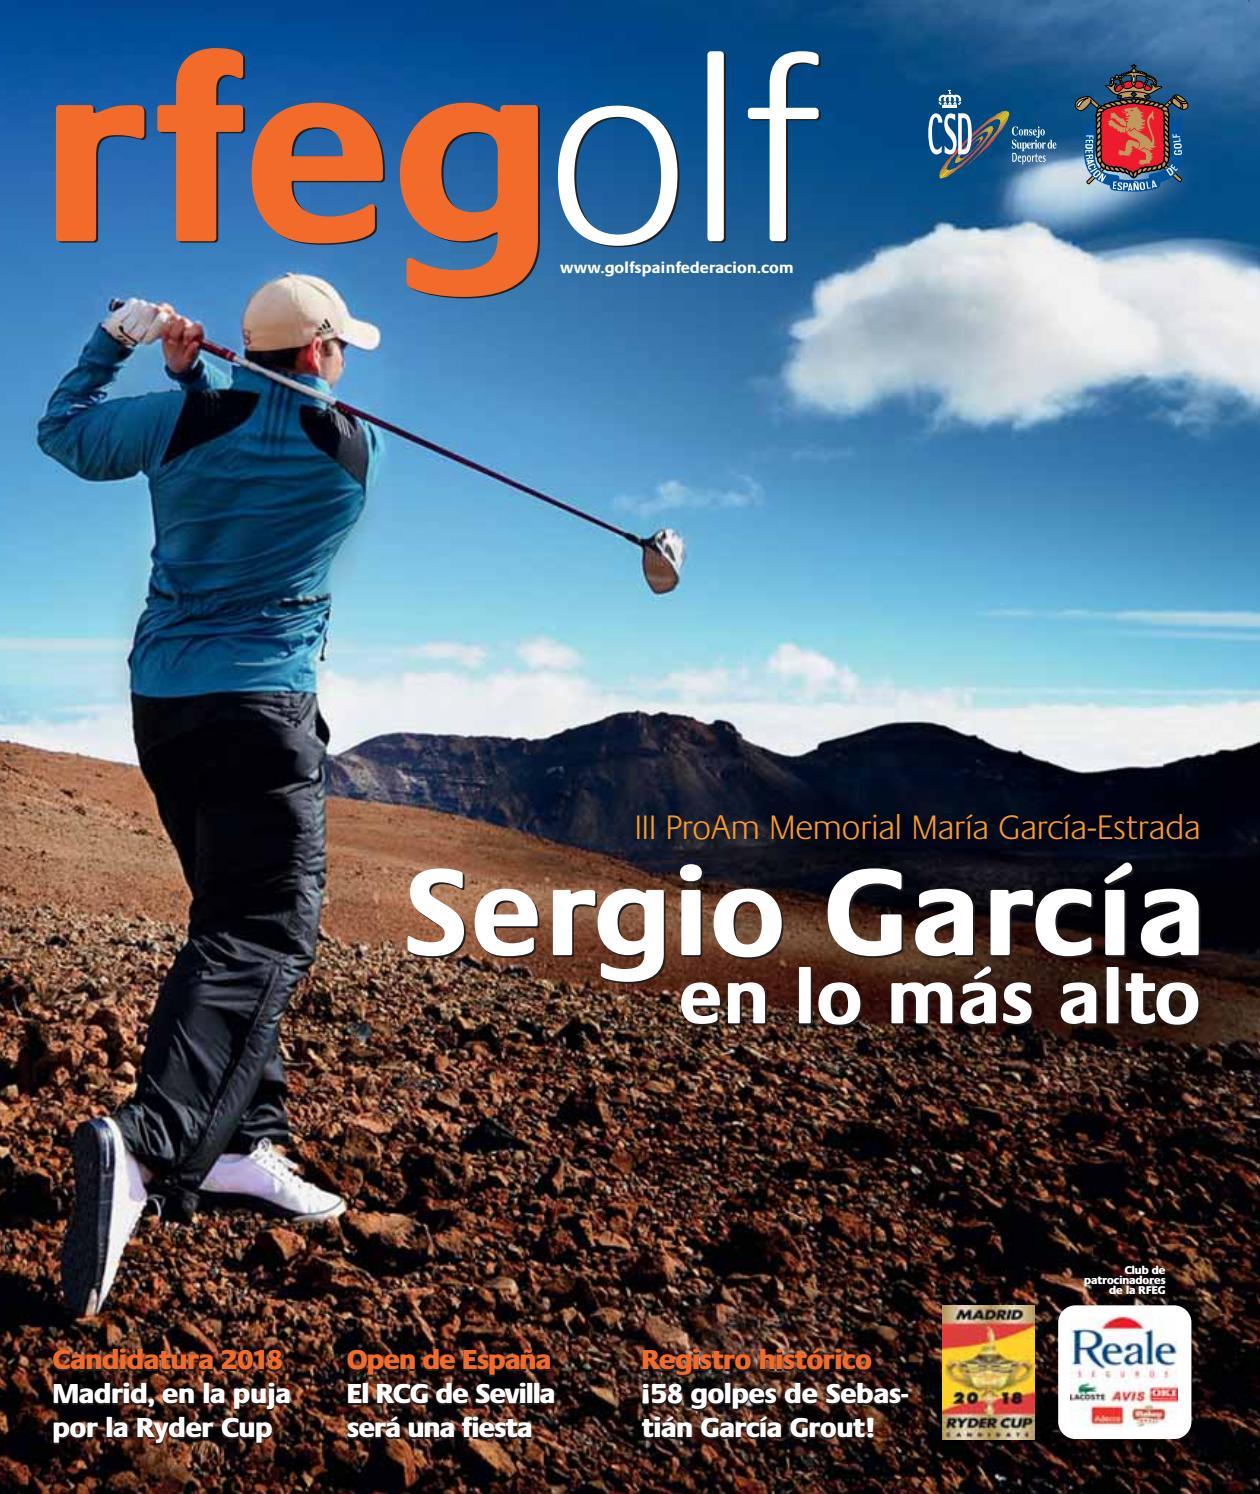 2010-MARZO-REFGOLF by Federación Aragonesa de golf - issuu